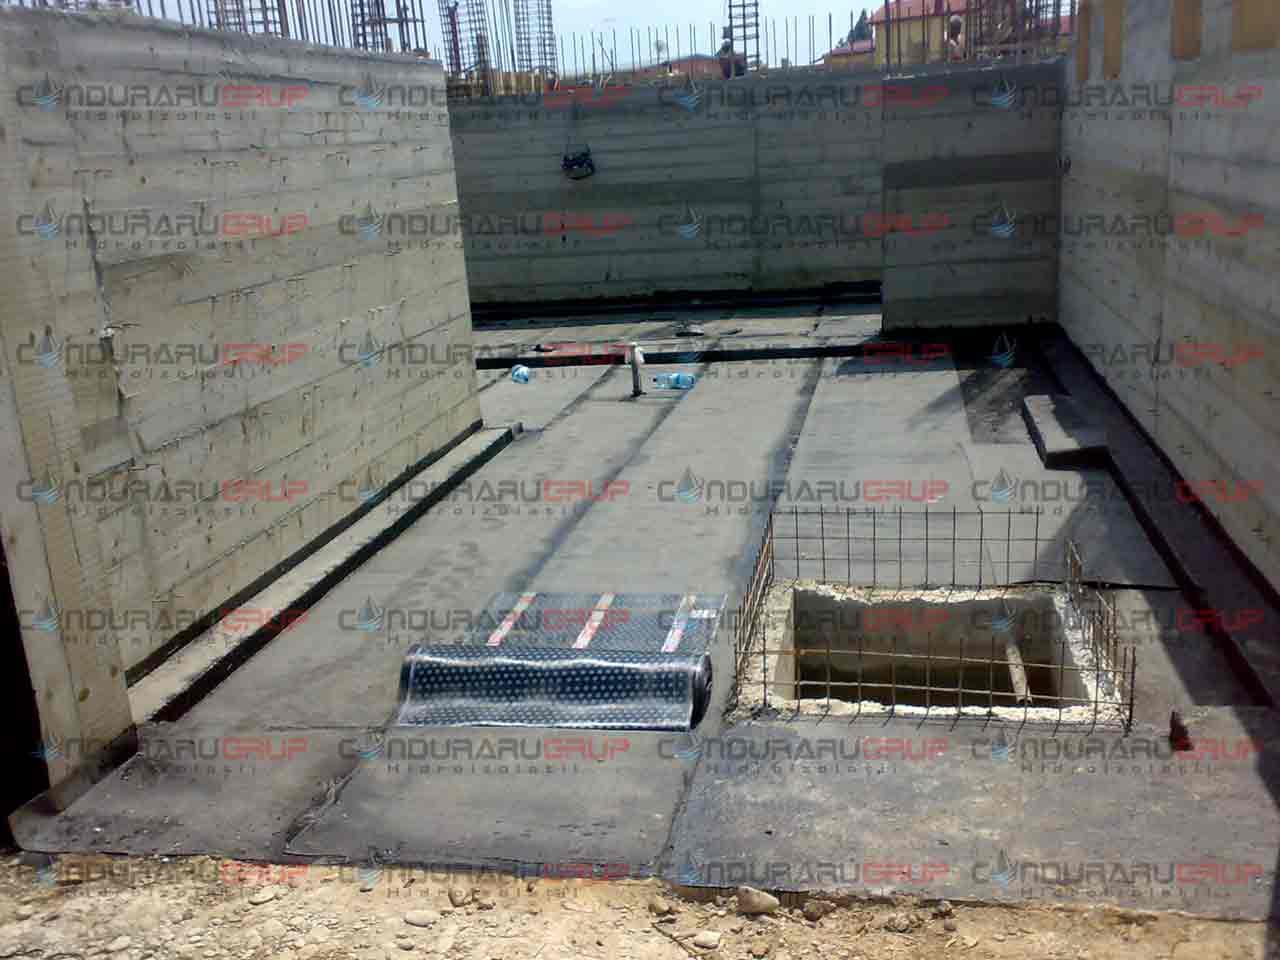 Constructii civile P+2 CONDURARU GRUP - Poza 6